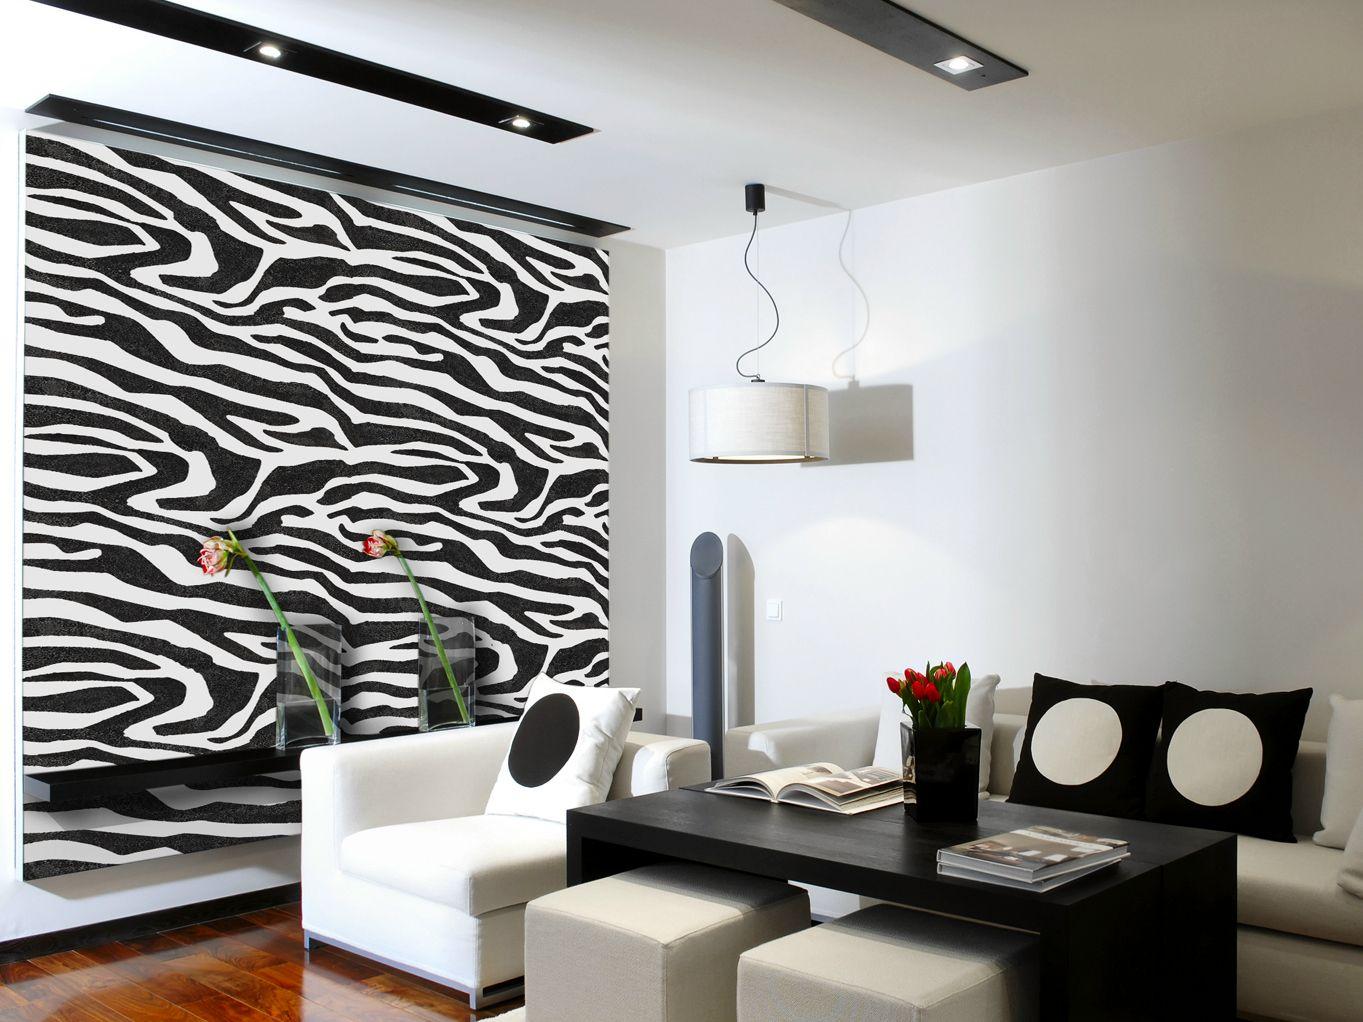 Peinture d corative l 39 eau effet textile zebra collection jungle by valpaint for Peinture effet crocodile